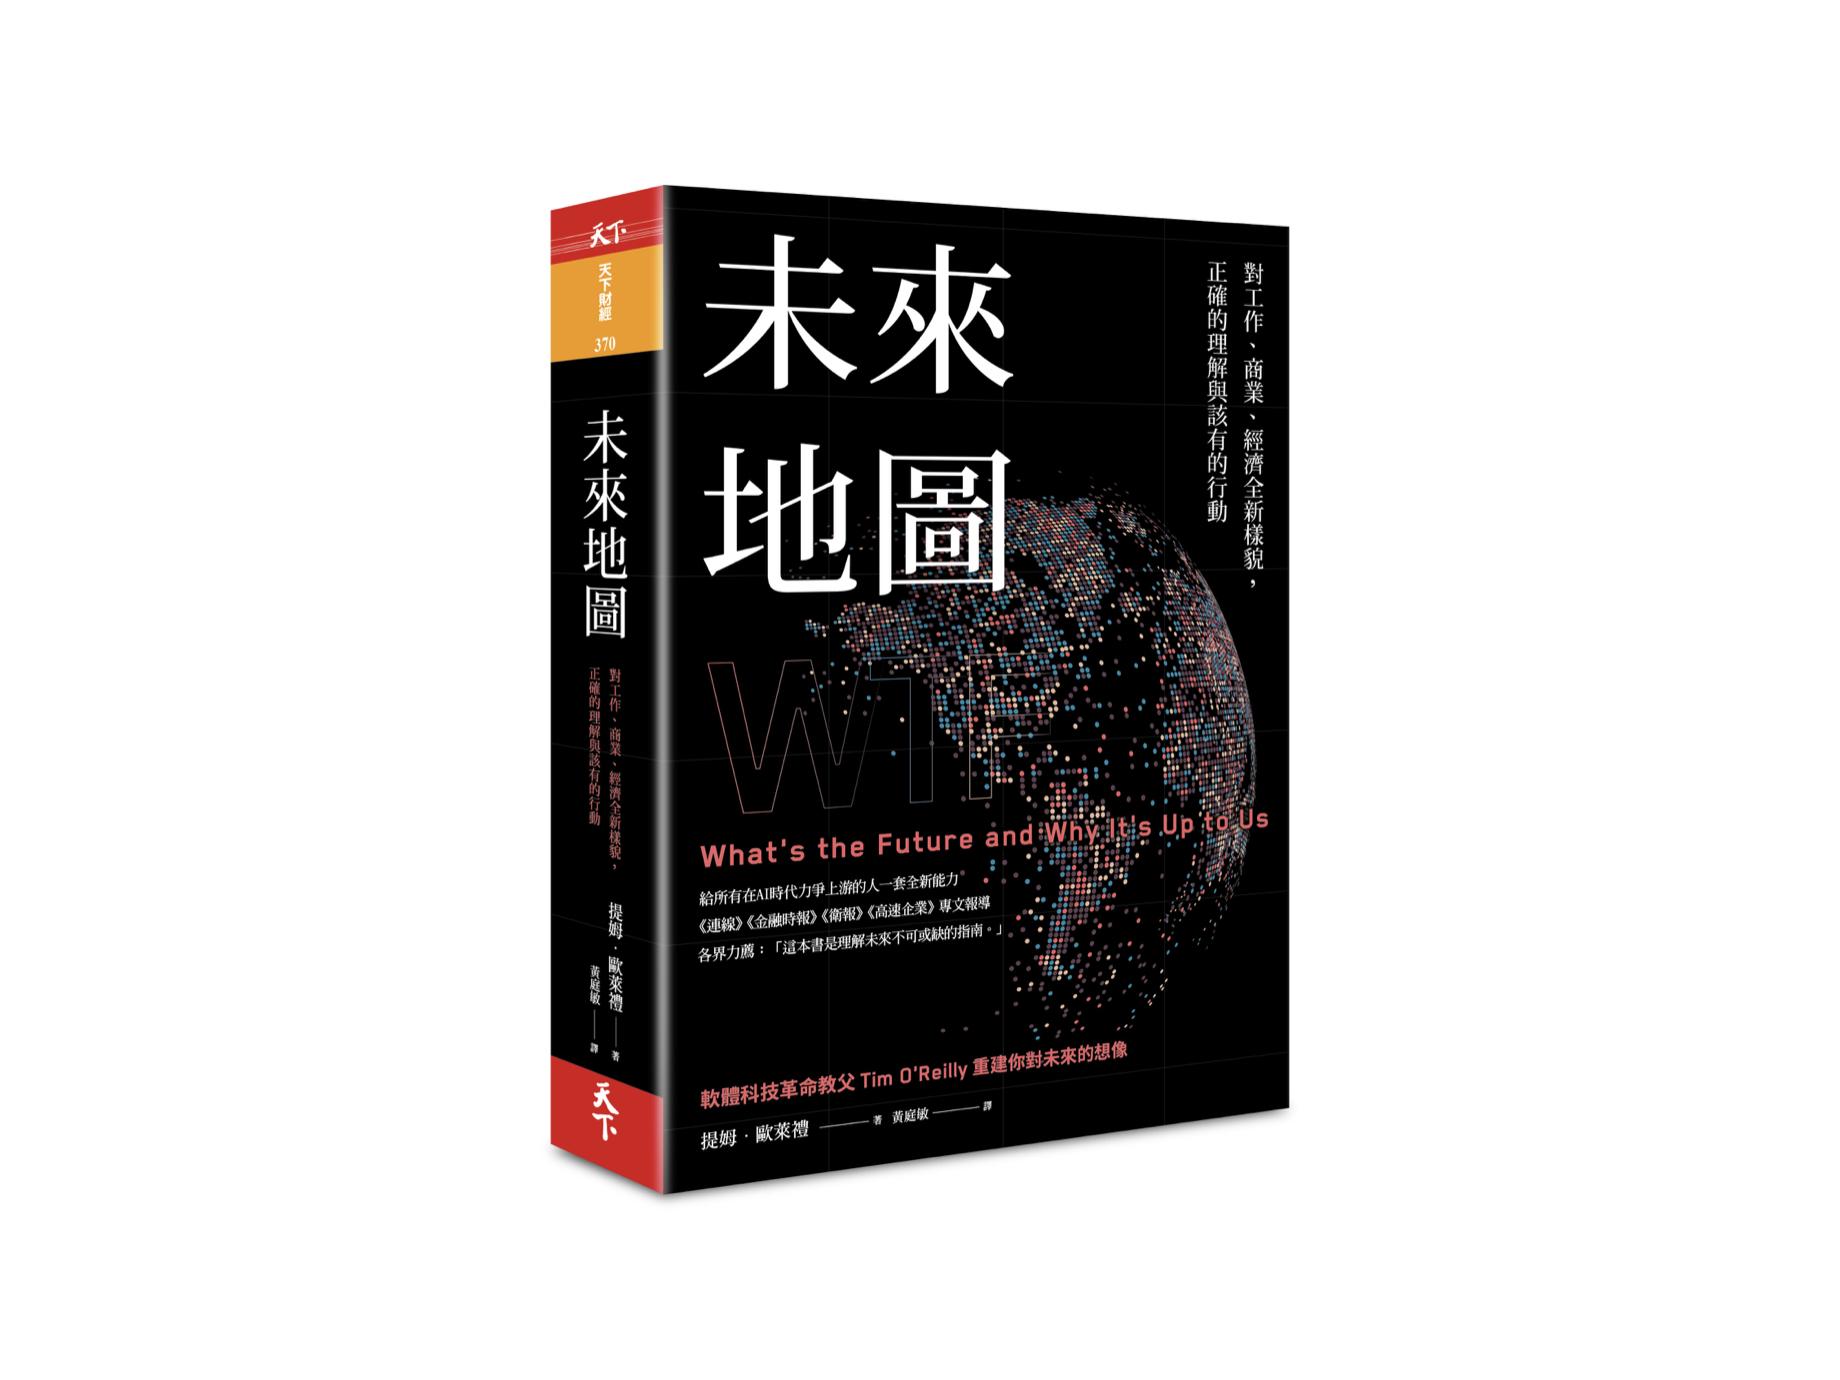 新書搶先看》掌握工作、商業、經濟的全新樣貌, 你該要有的行動